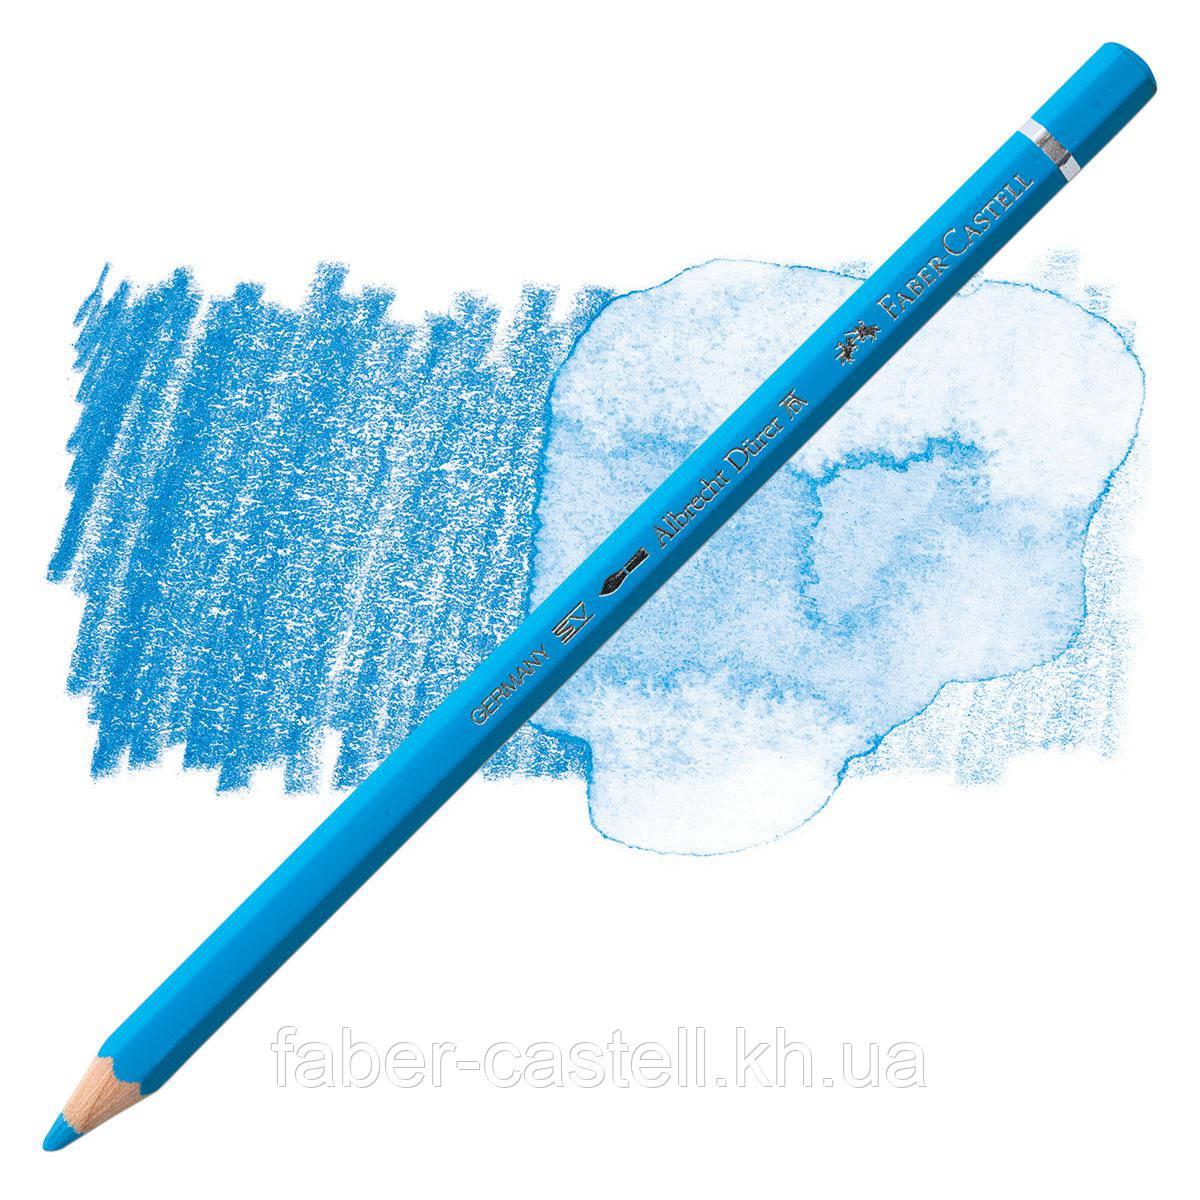 Карандаш акварельный цветной Faber-Castell A. Dürer  светло-синий (Light Phthalo Blue)  №145, 117645